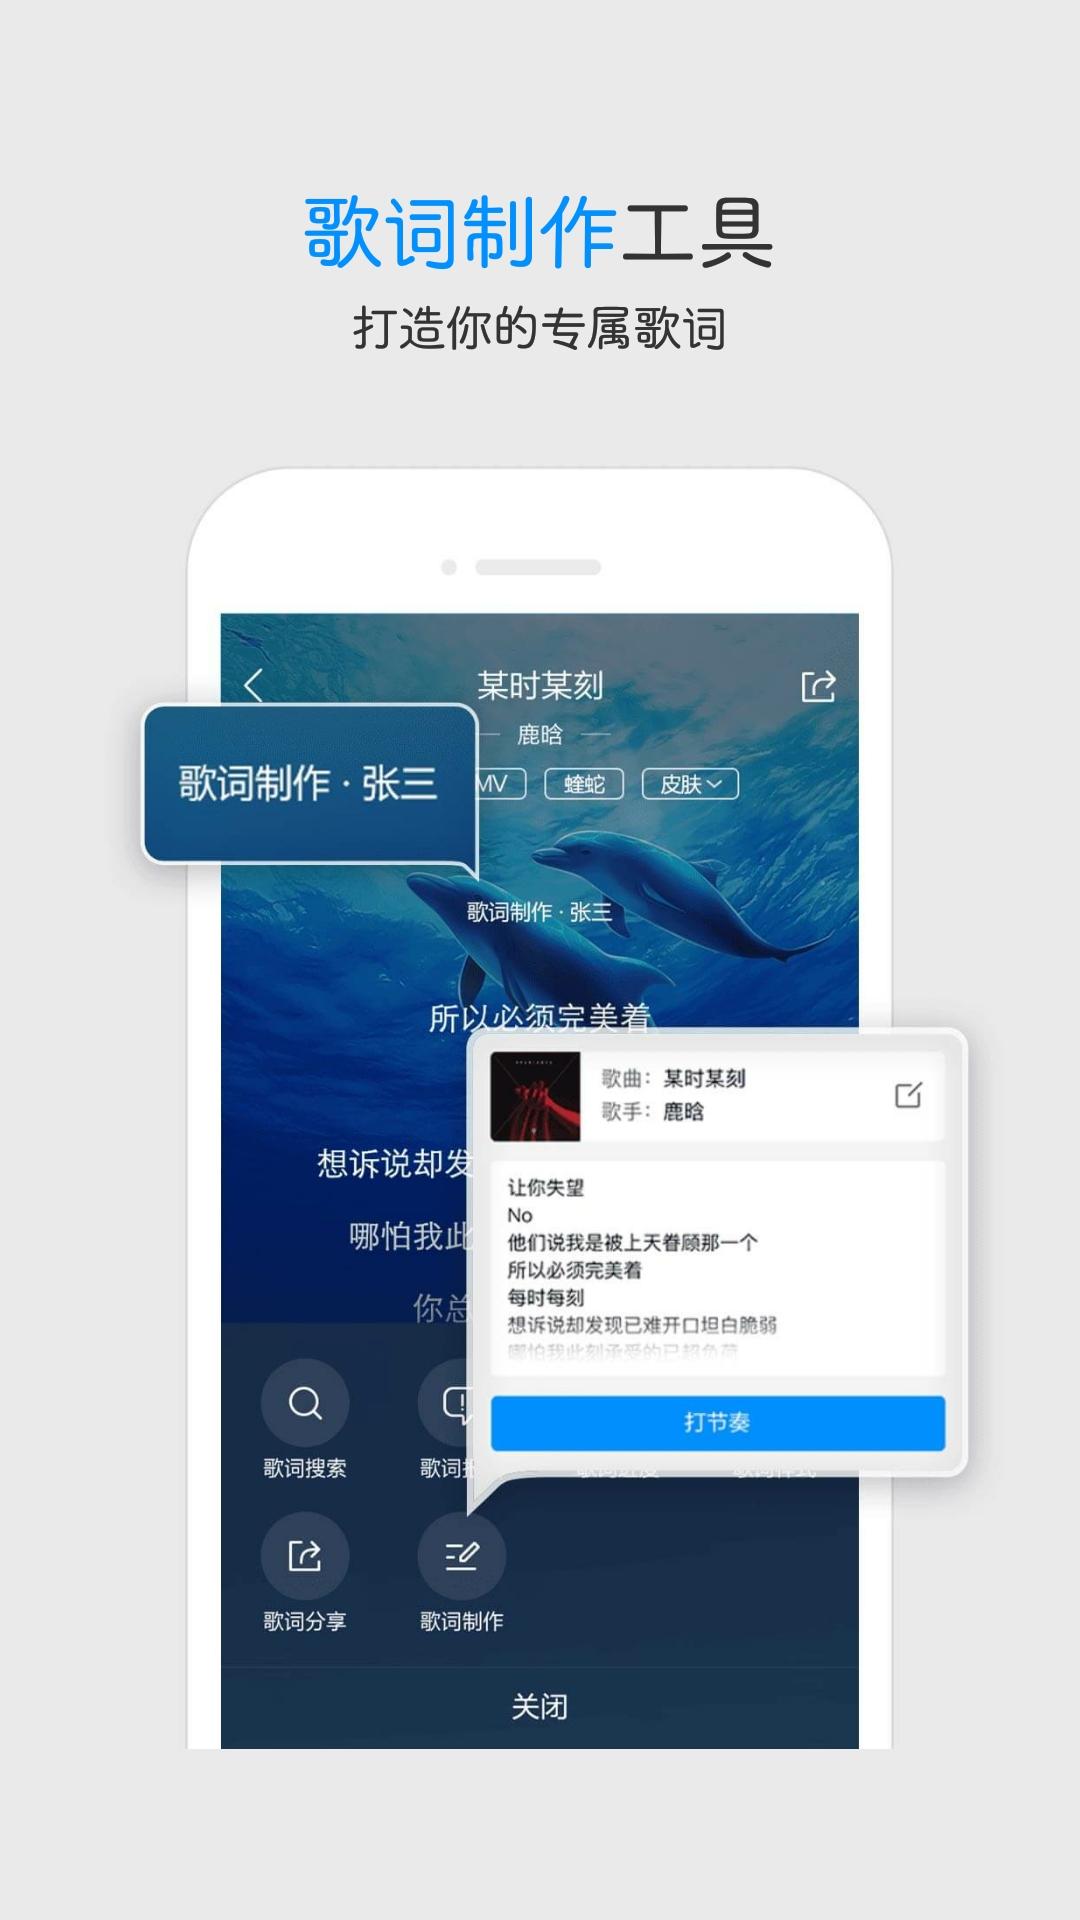 Screenshot_20171108-185036.jpg